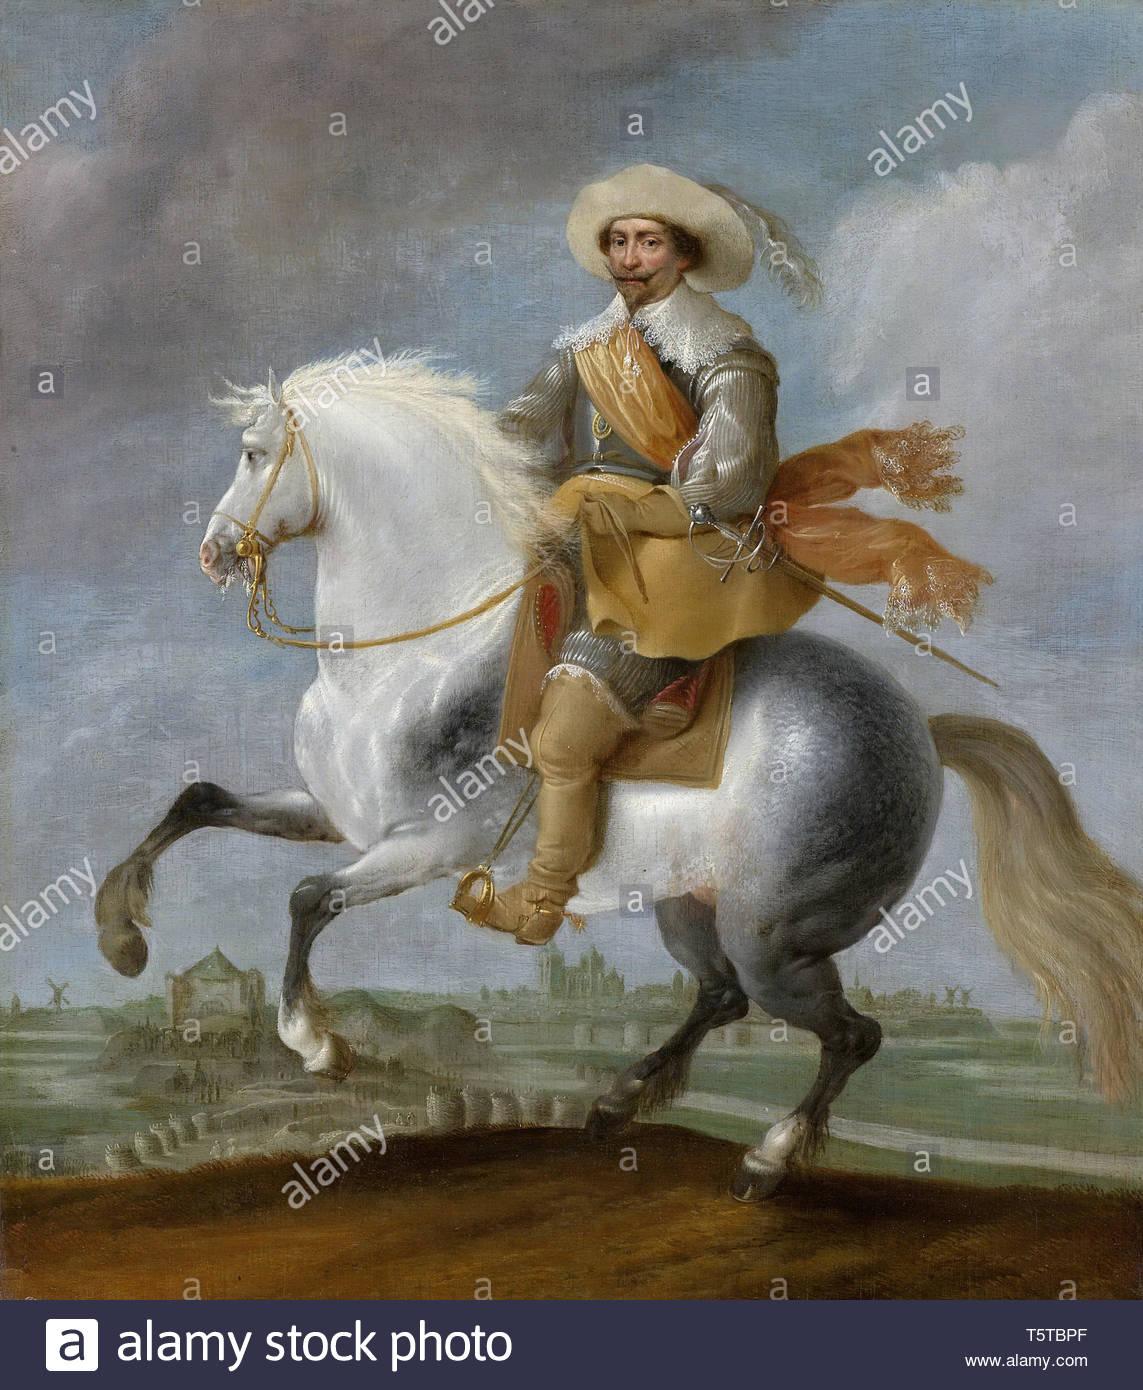 Hillegaert, Pauwels van-Prins Frederik Hendrik te paard voor de vesting 's-Hertogenbosch, 1629.jpeg - Stock Image